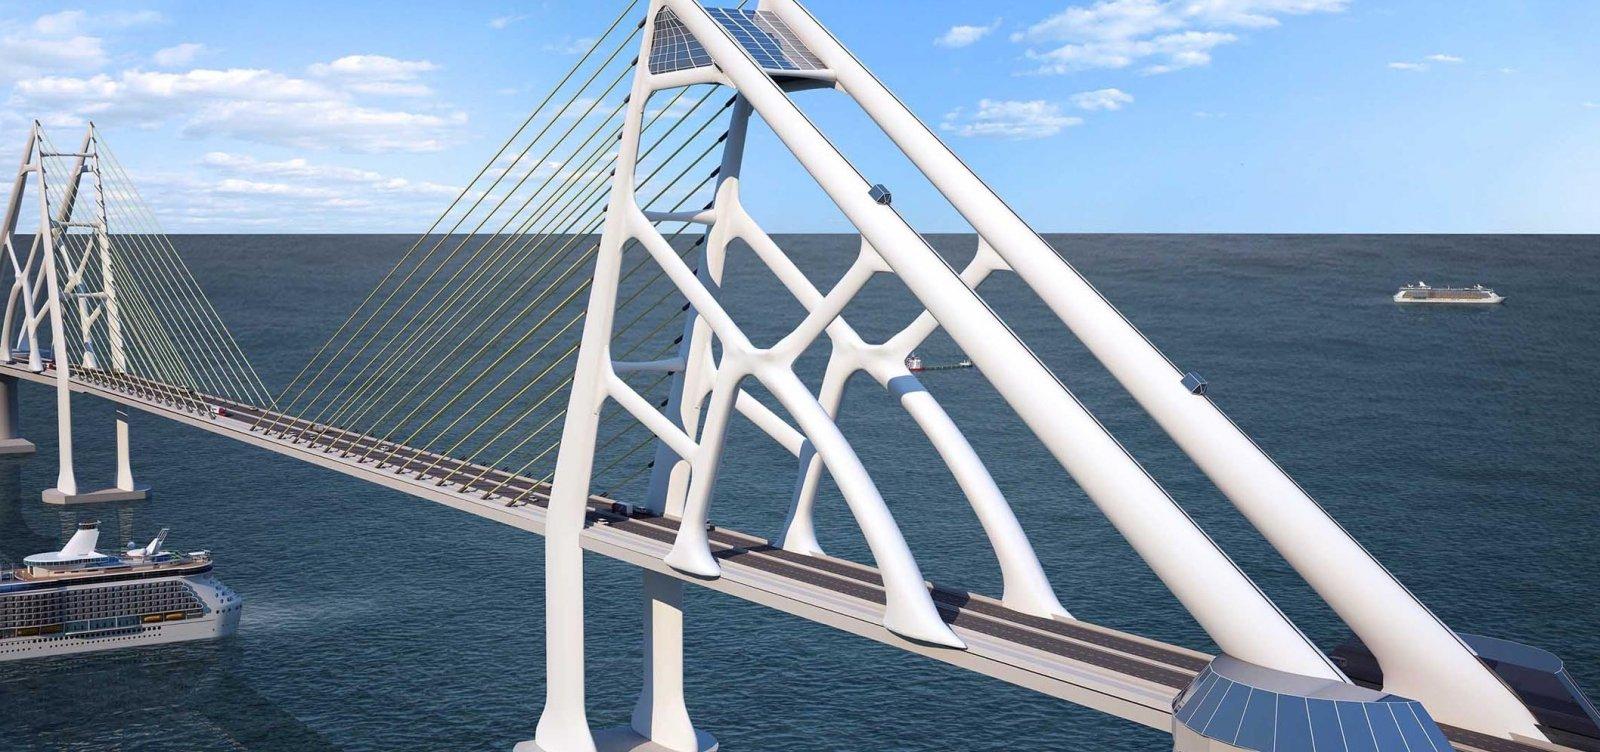 [Pedágio da Ponte Salvador-Itaparica custará em torno de R$ 40, diz vice-governador]